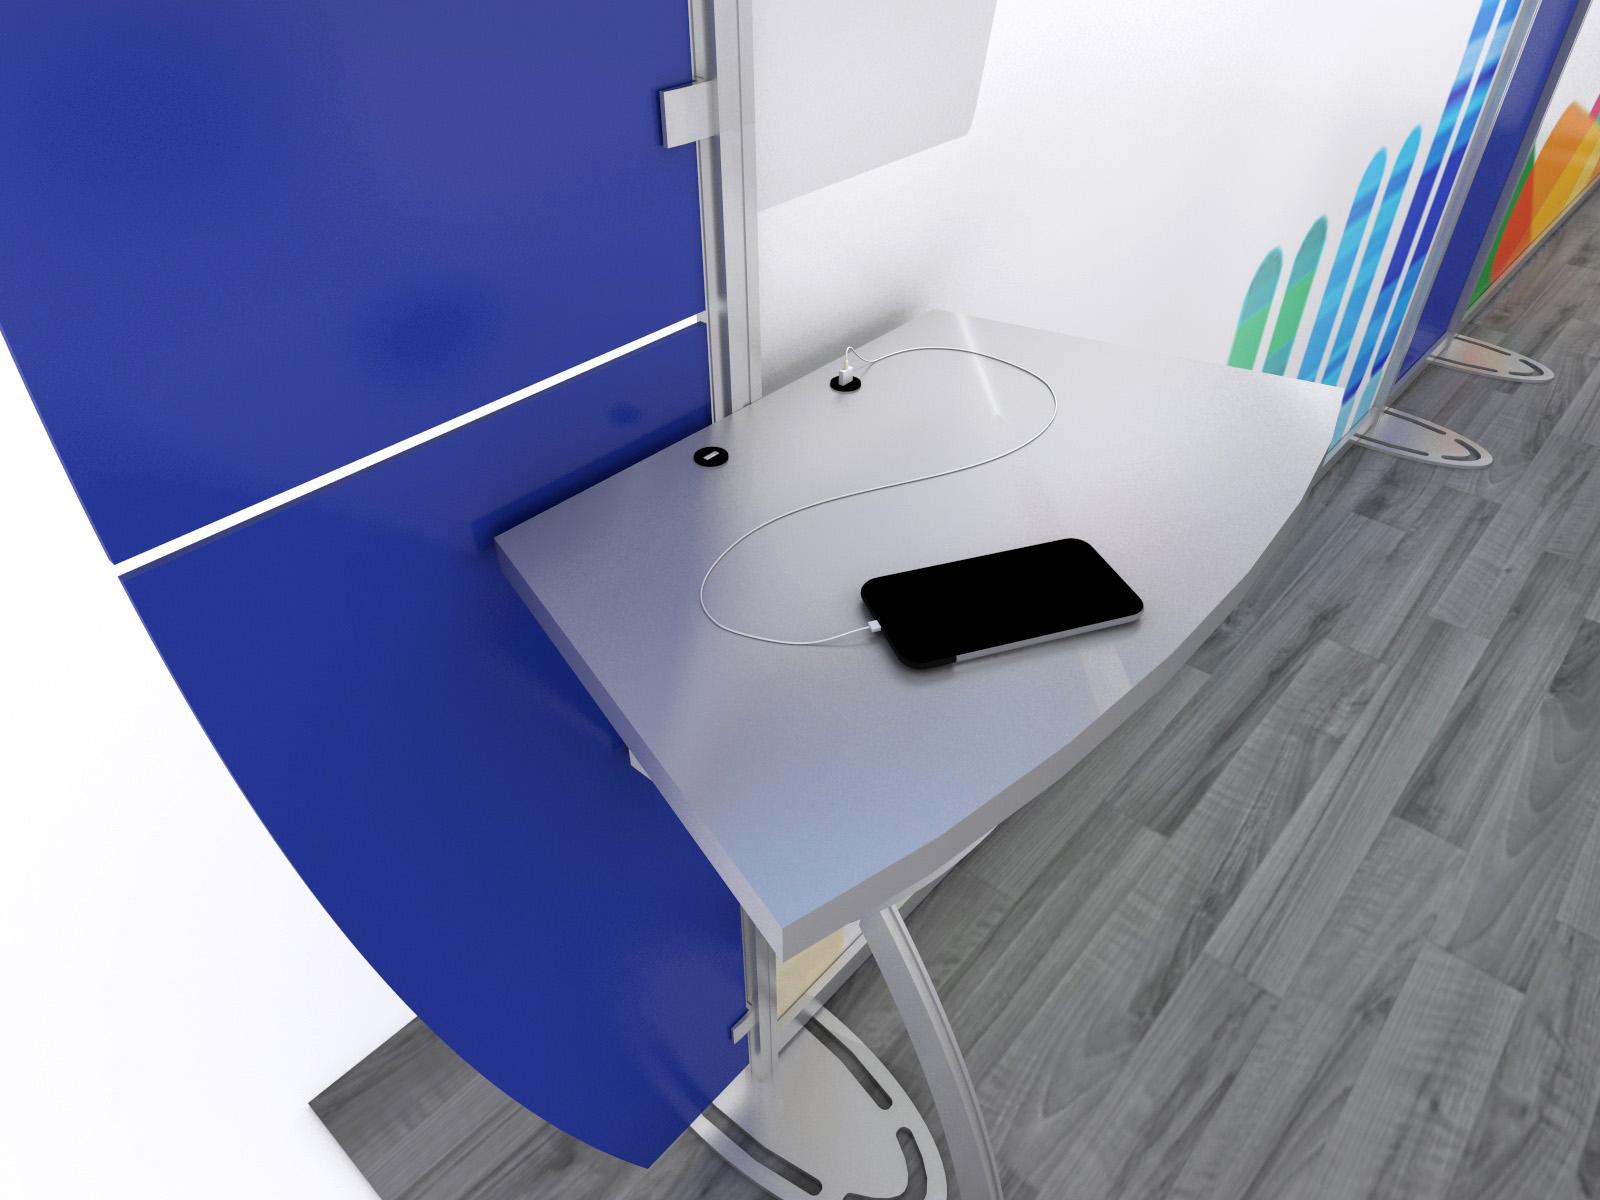 Sacagawea Portable Hybrid Display, USB Charging Ports